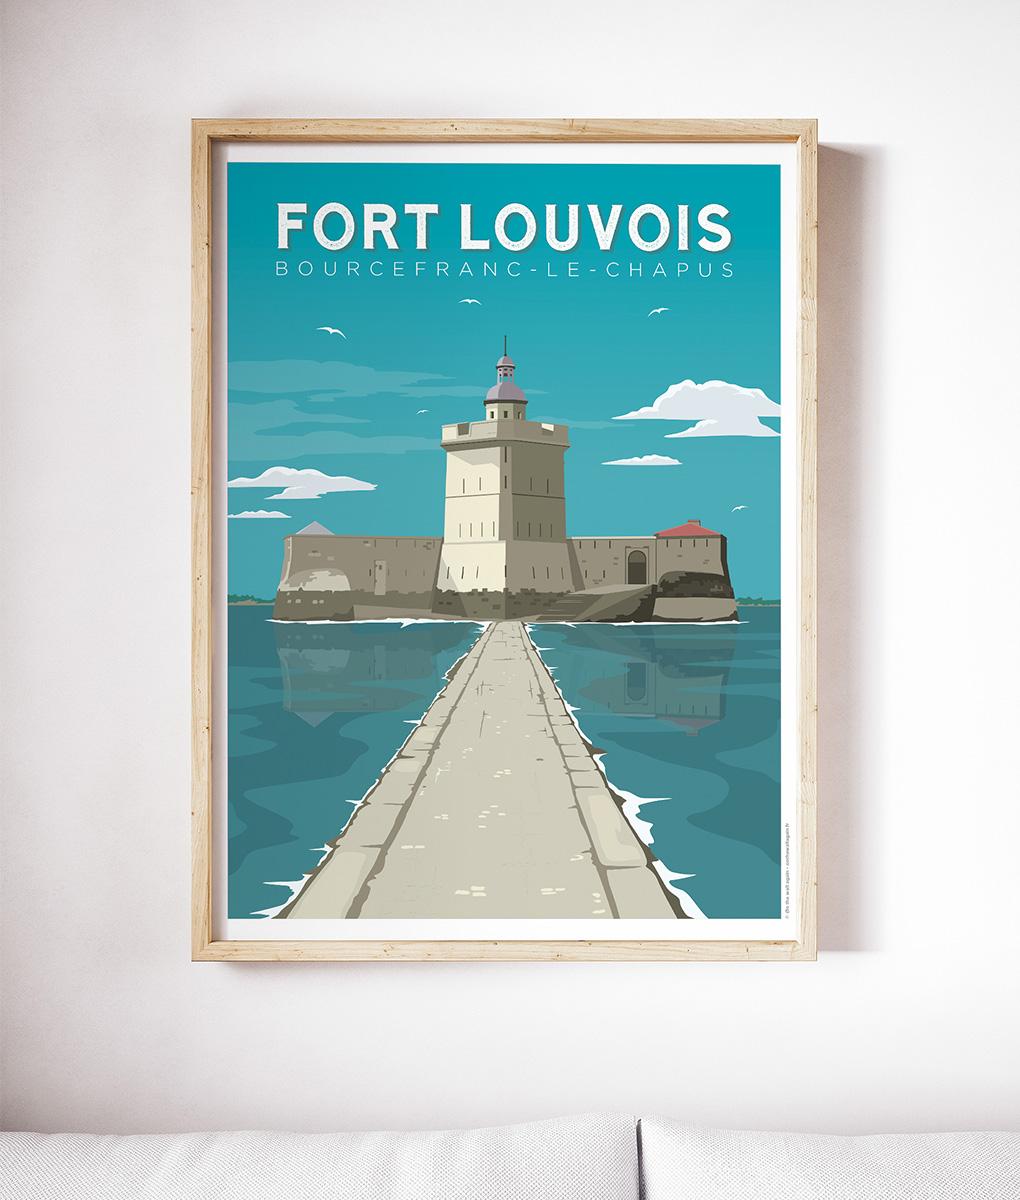 Une affiche vintage du Fort Louvois à Bourcefranc-Le Chapus